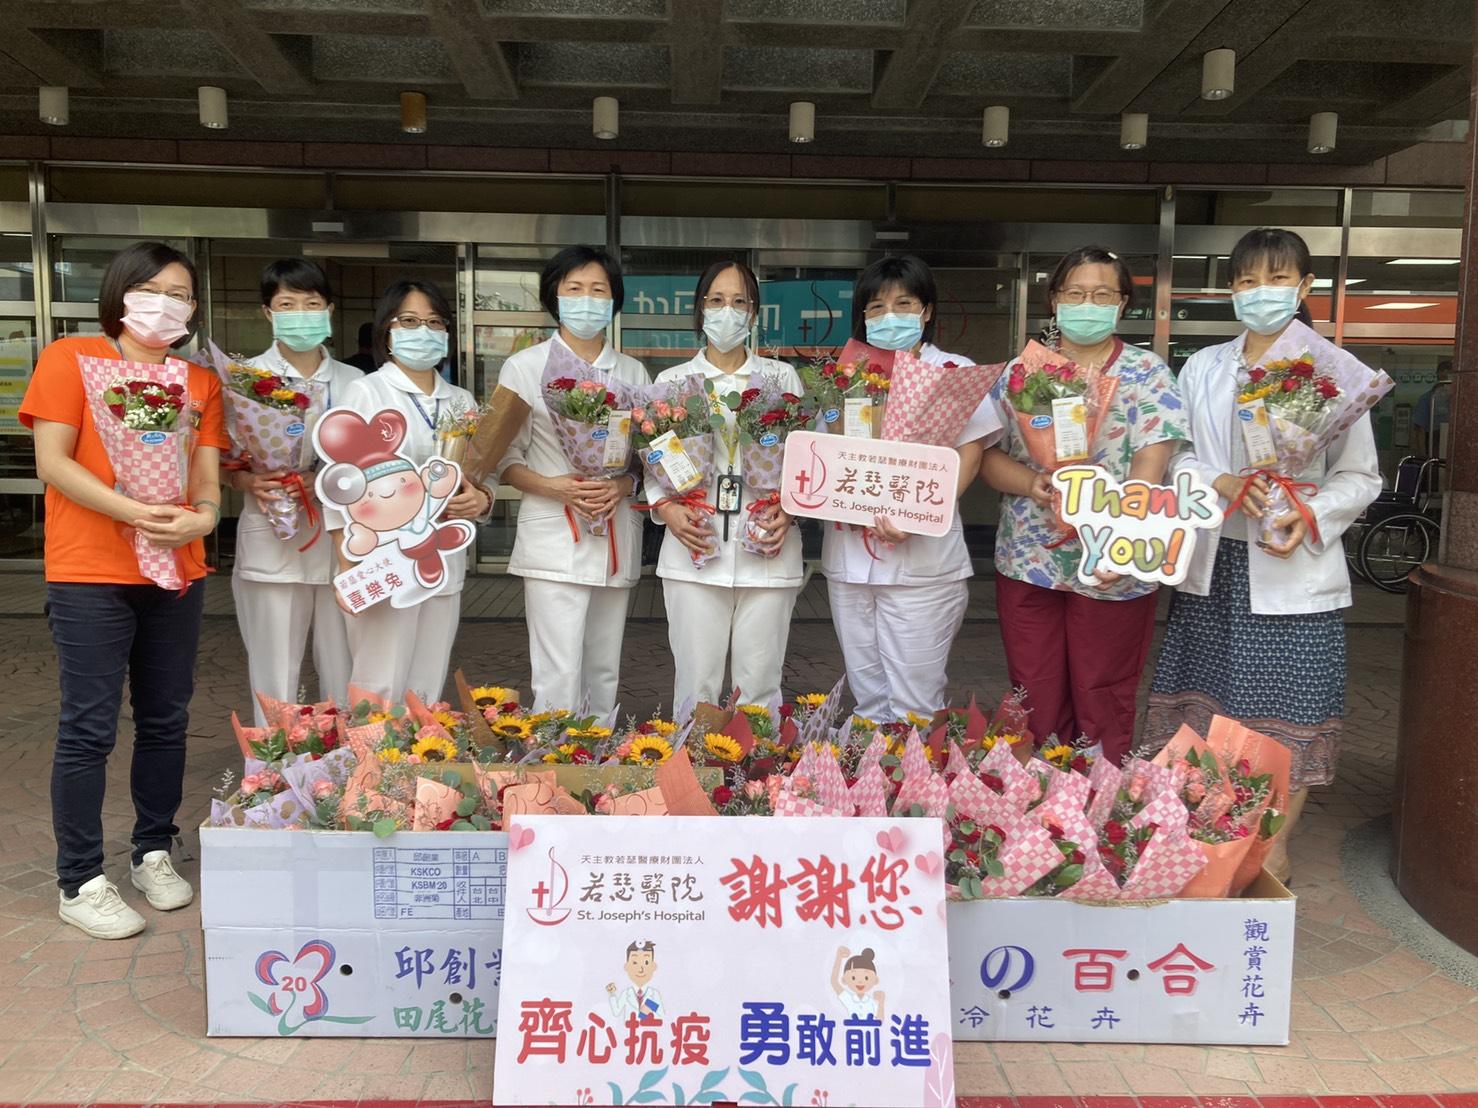 農糧署捐贈花束2.jpg